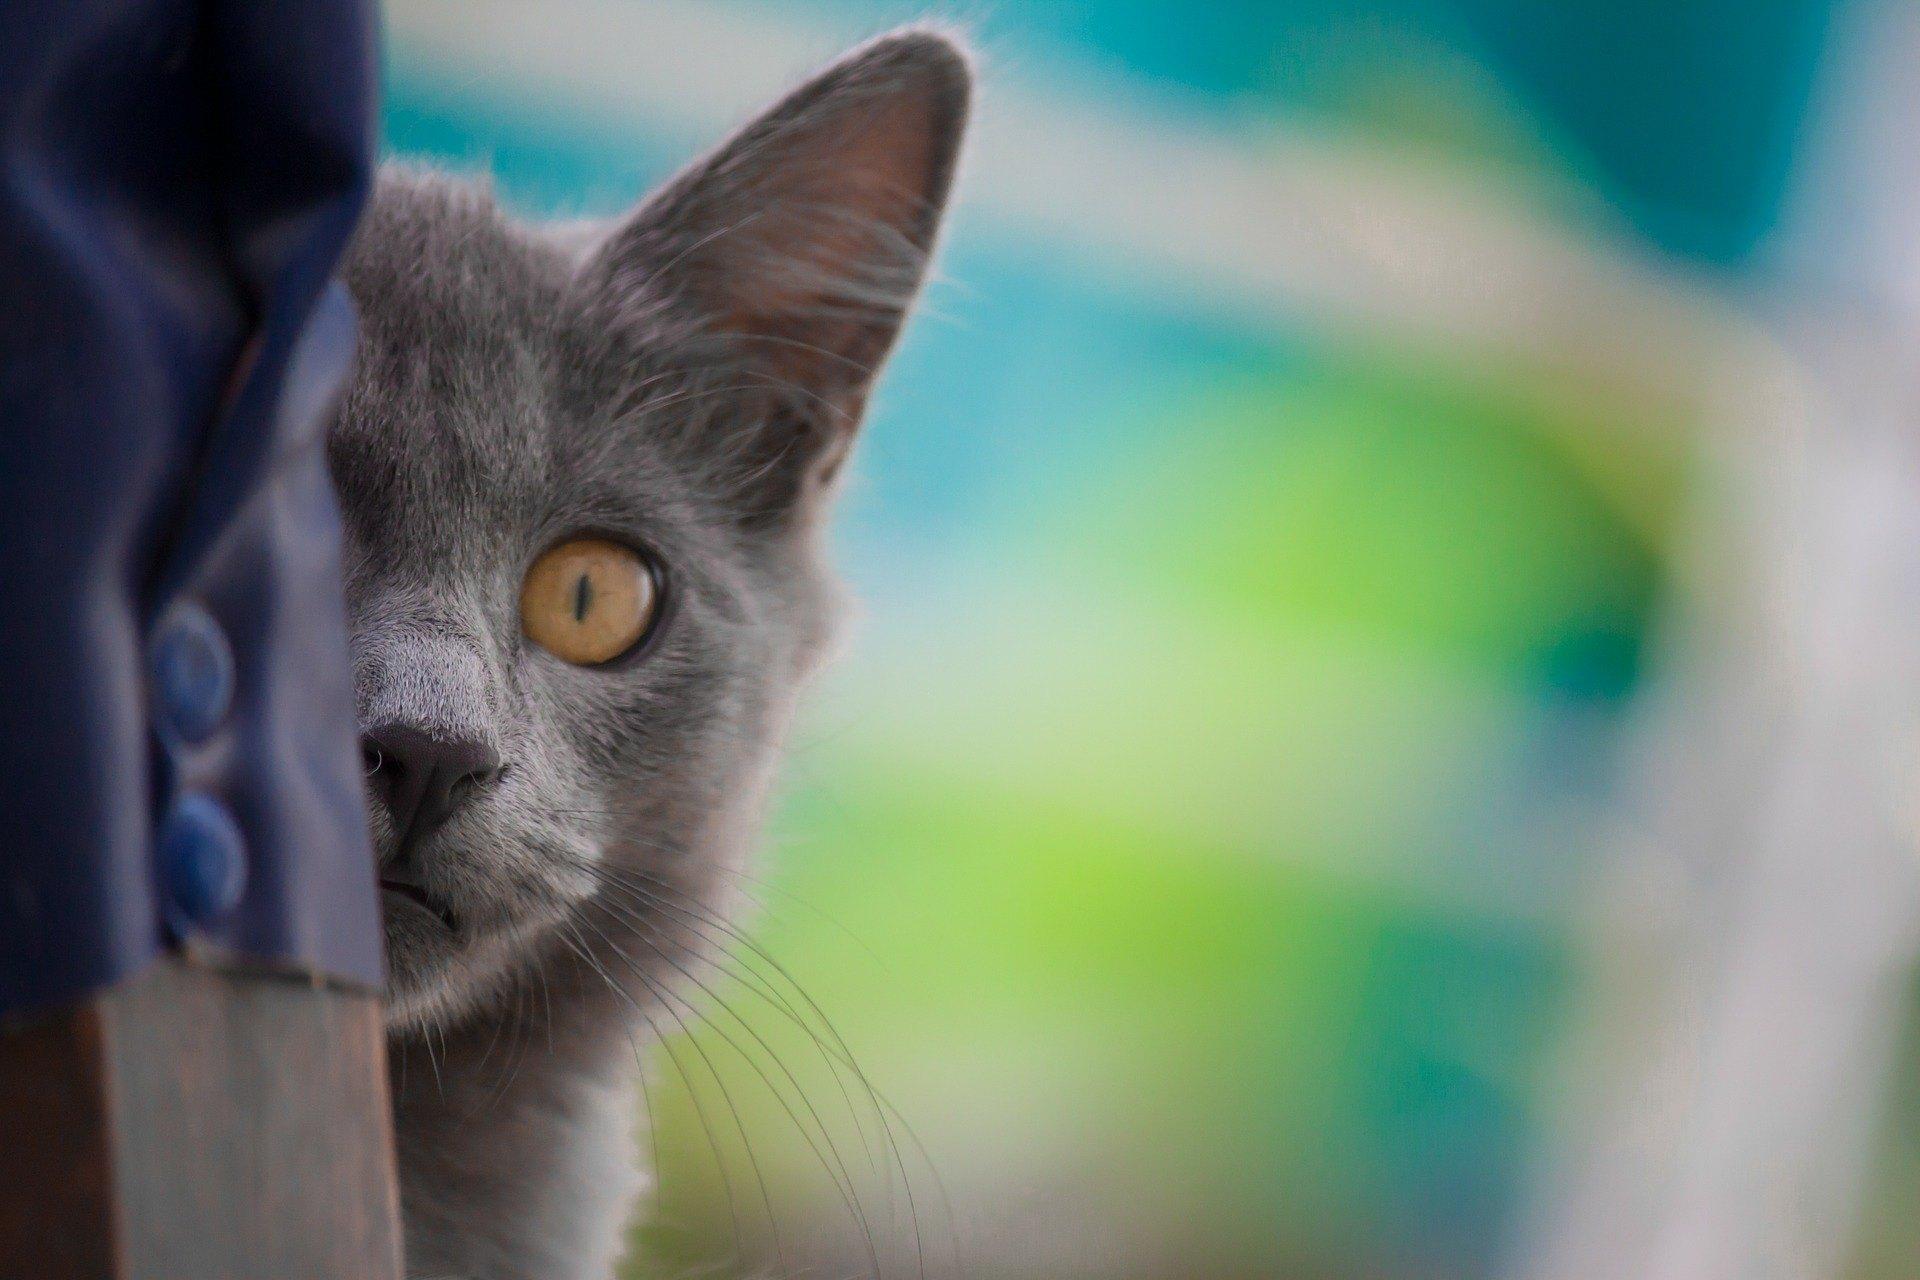 Blasenentzündung bei Hauskatzen wurde aufgrund von Ernährungsfehlern und abnehmendem Bewegungsaufwand als Zivilisationskrankheit angesehen.